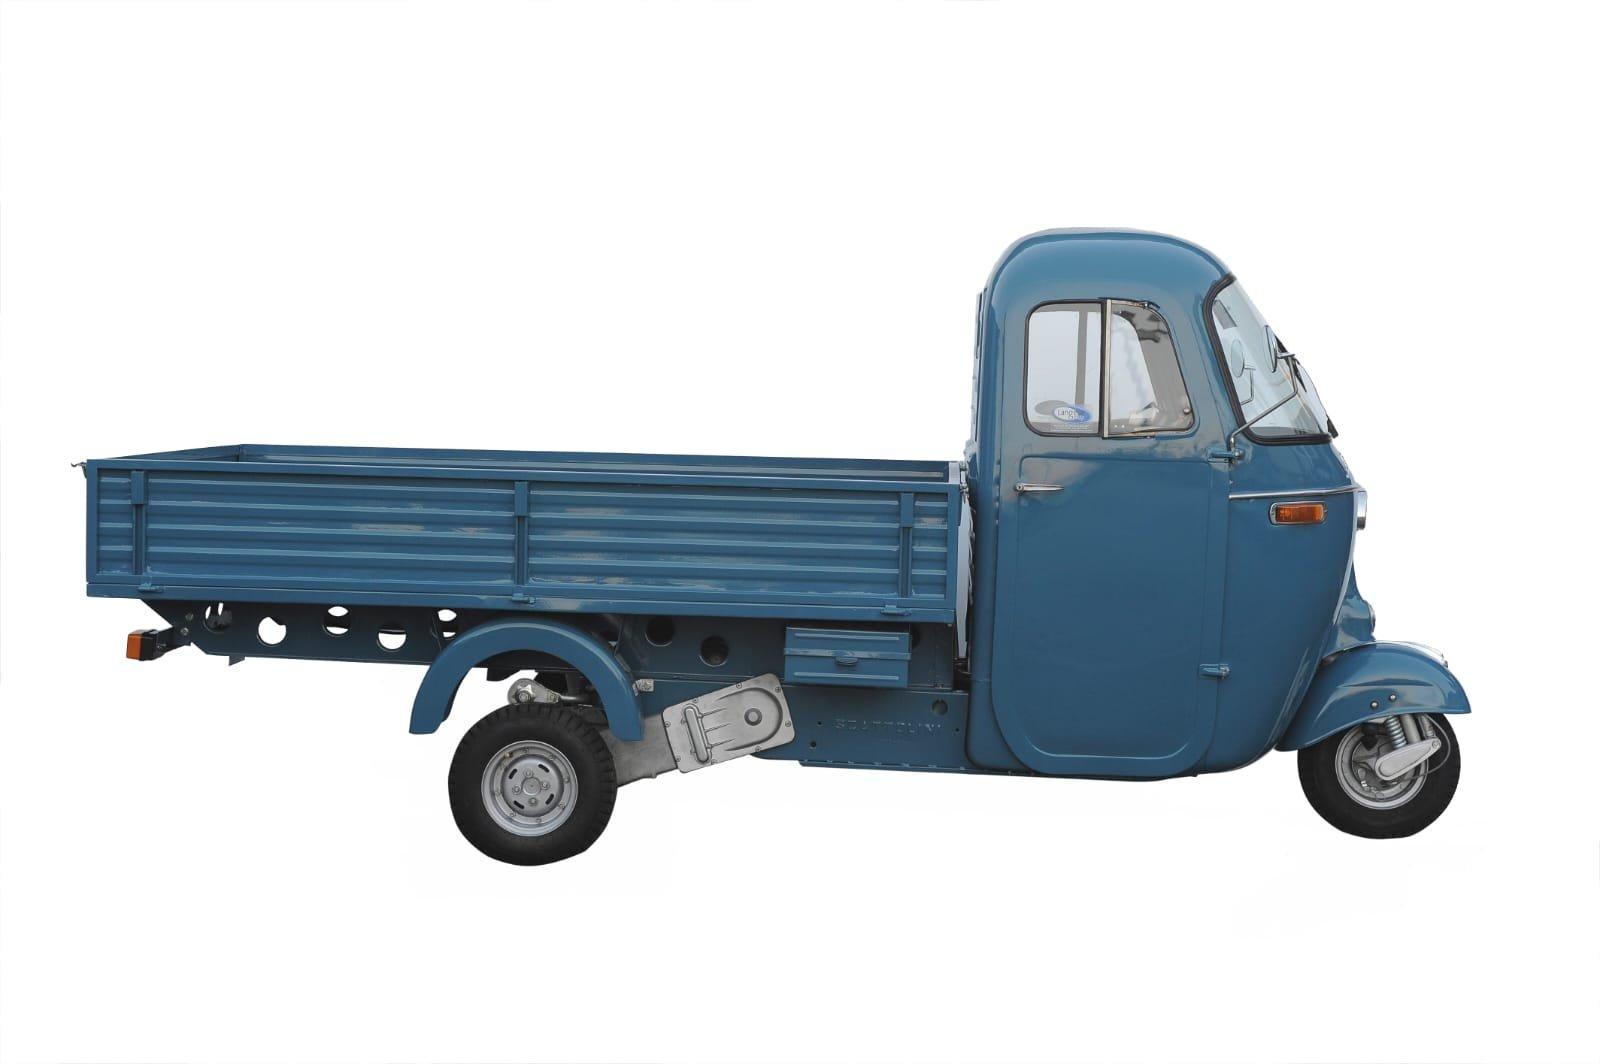 1968 Piaggio AD1 Scattolini For Sale (picture 1 of 6)